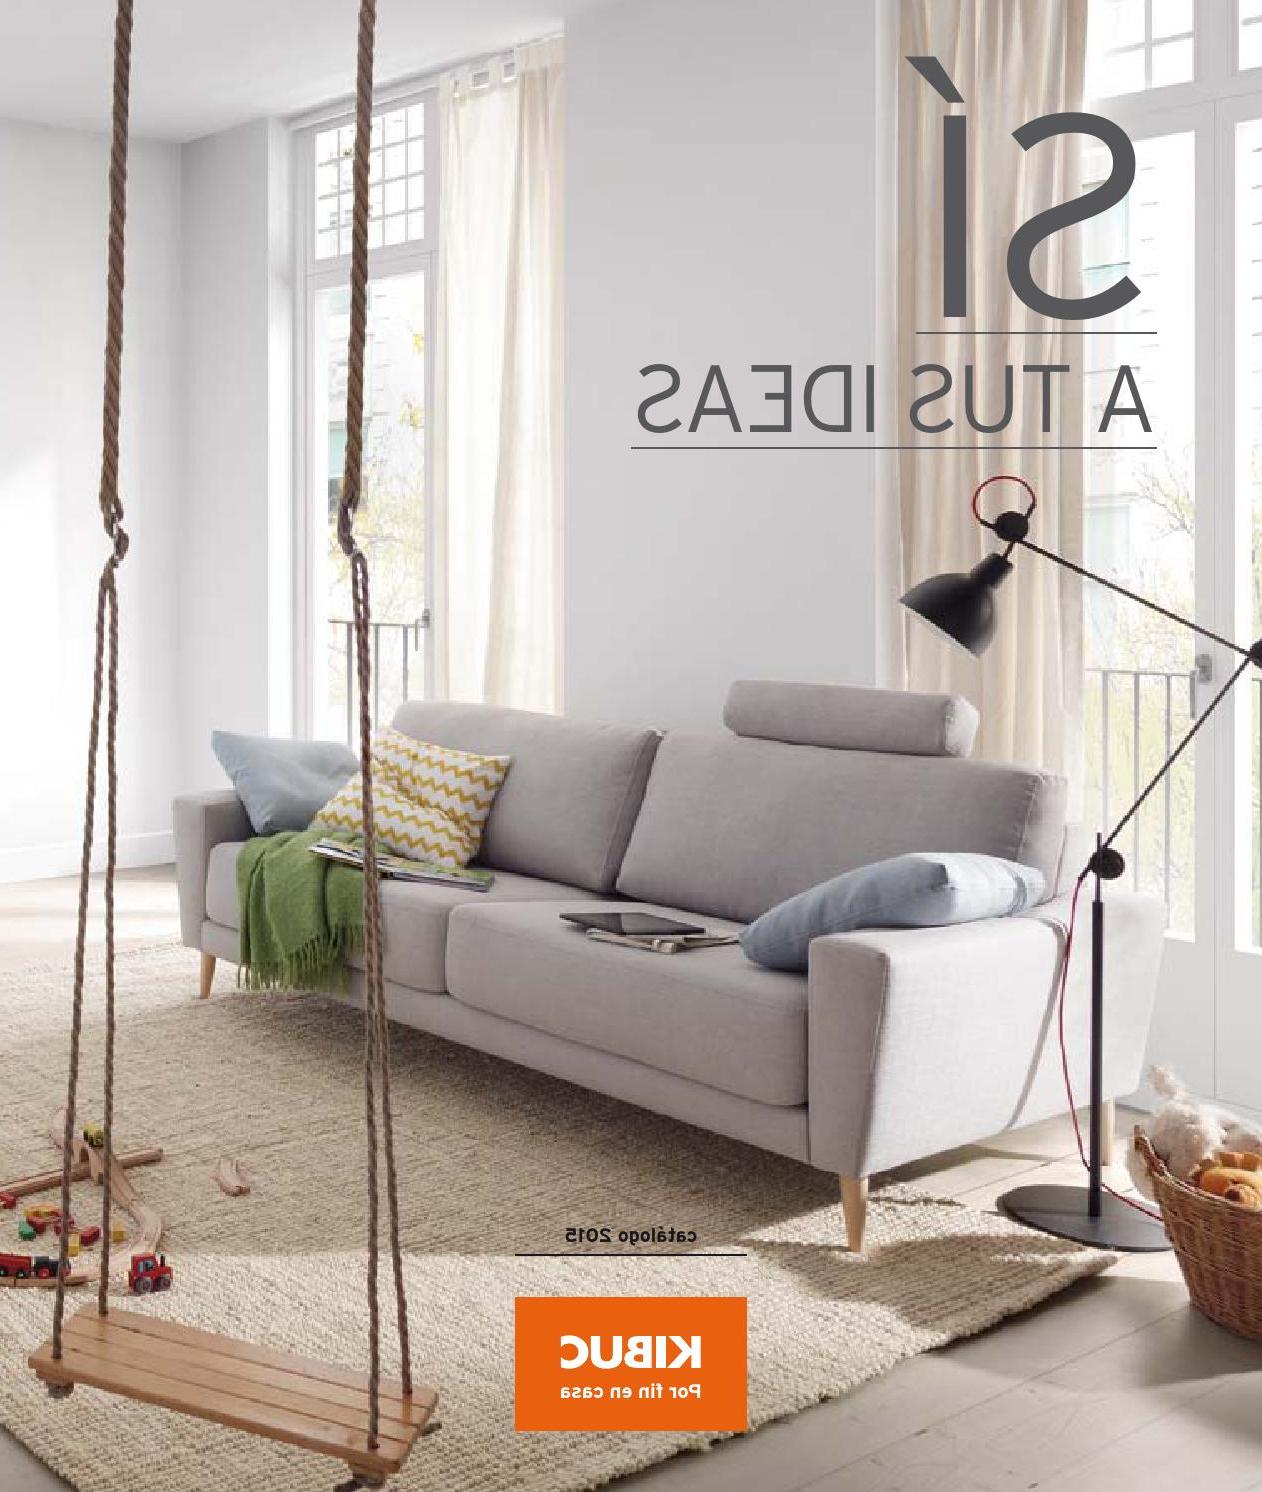 Kibuc sofas Cama 9ddf Catalogo 2014 15 by Kibuc issuu